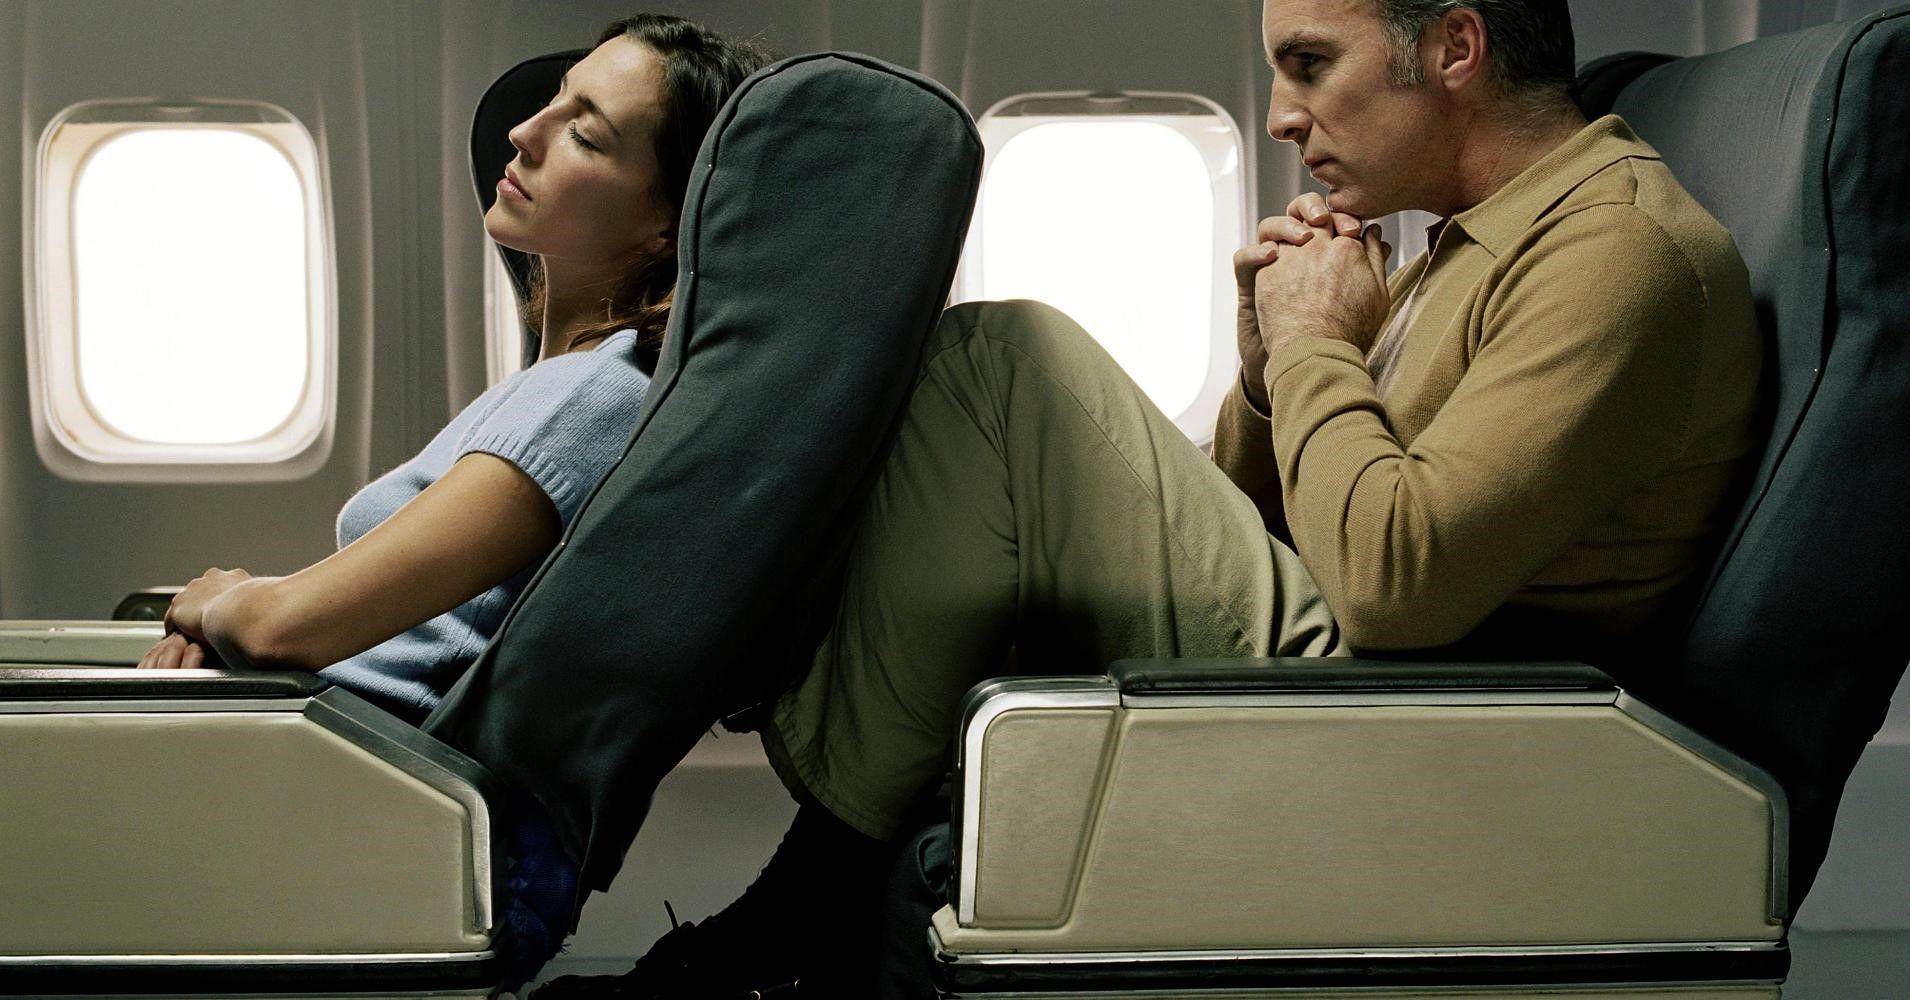 آدابی که در هواپیما بایستی رعایت کرد